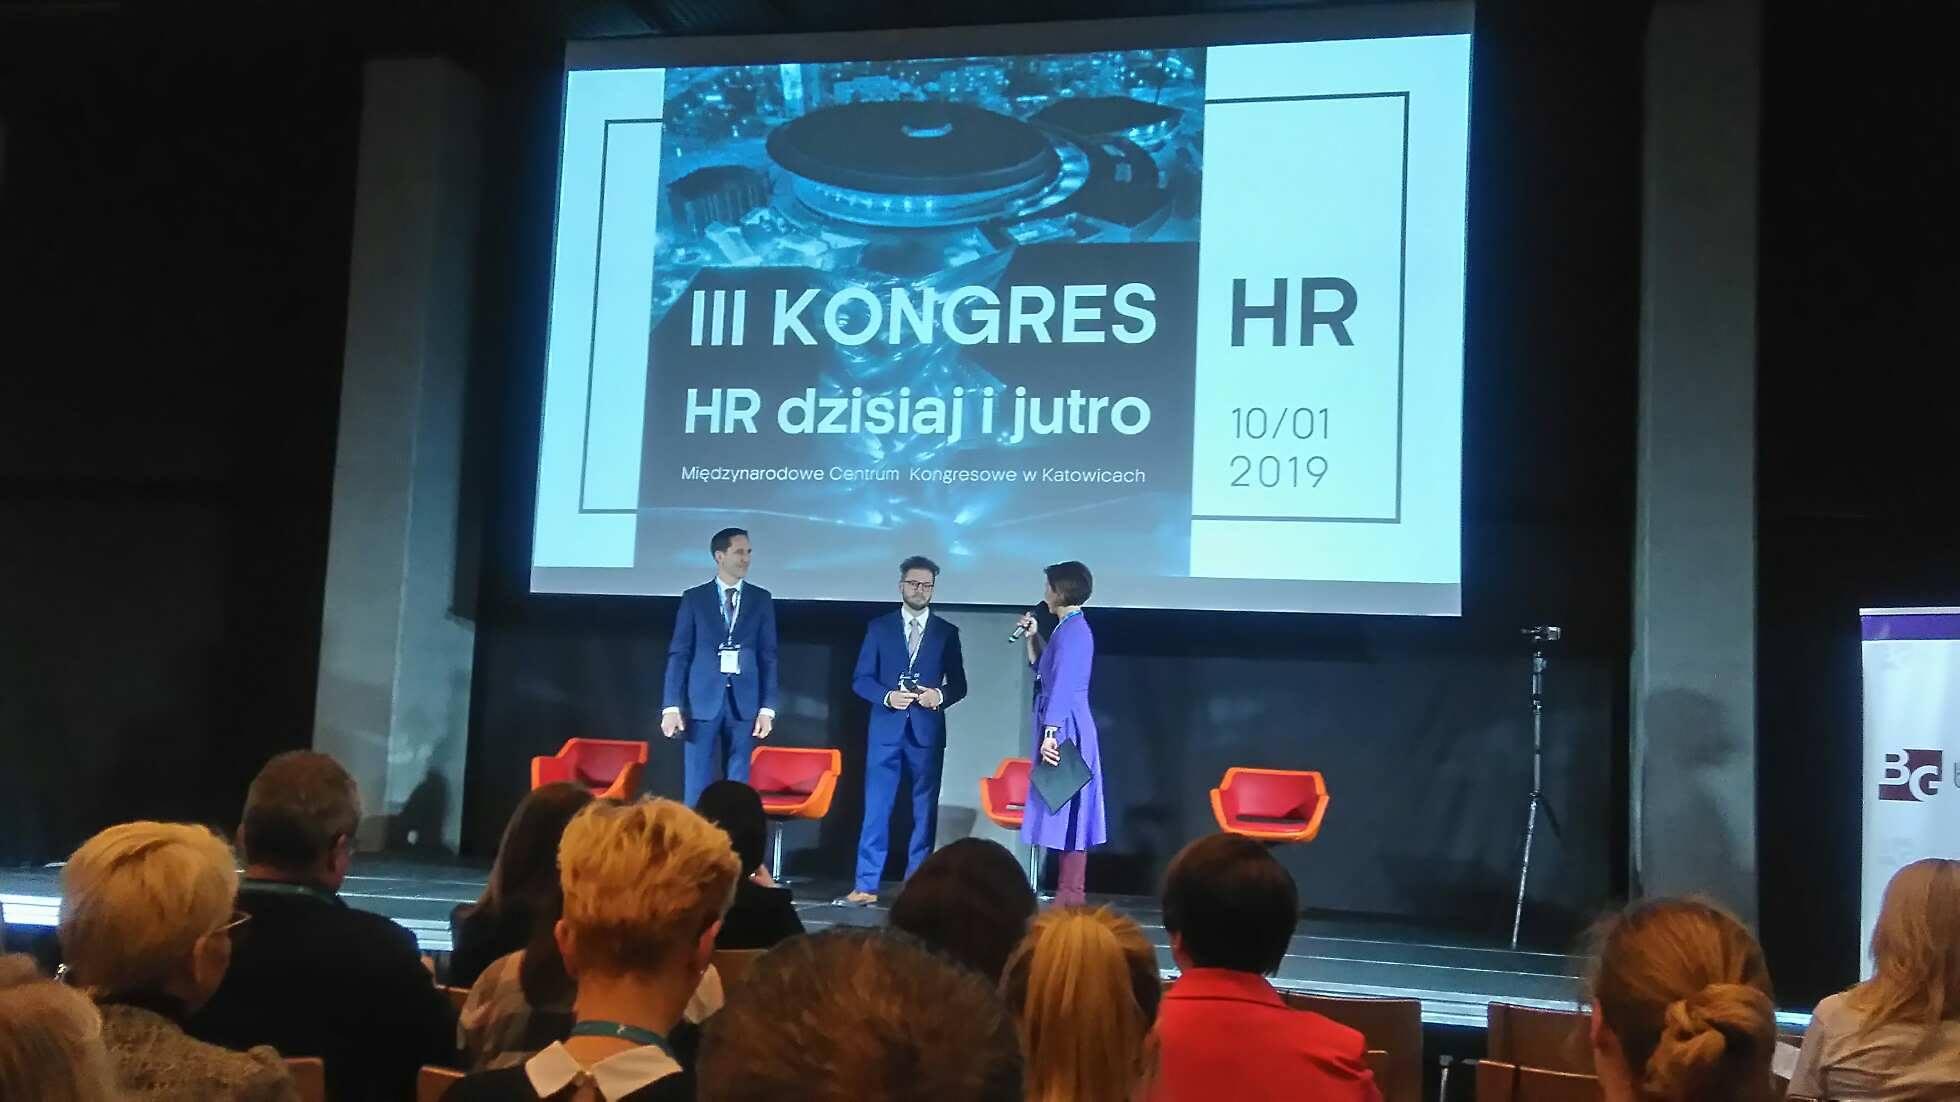 kongres HR, HR, Human Resources, wydarzenia